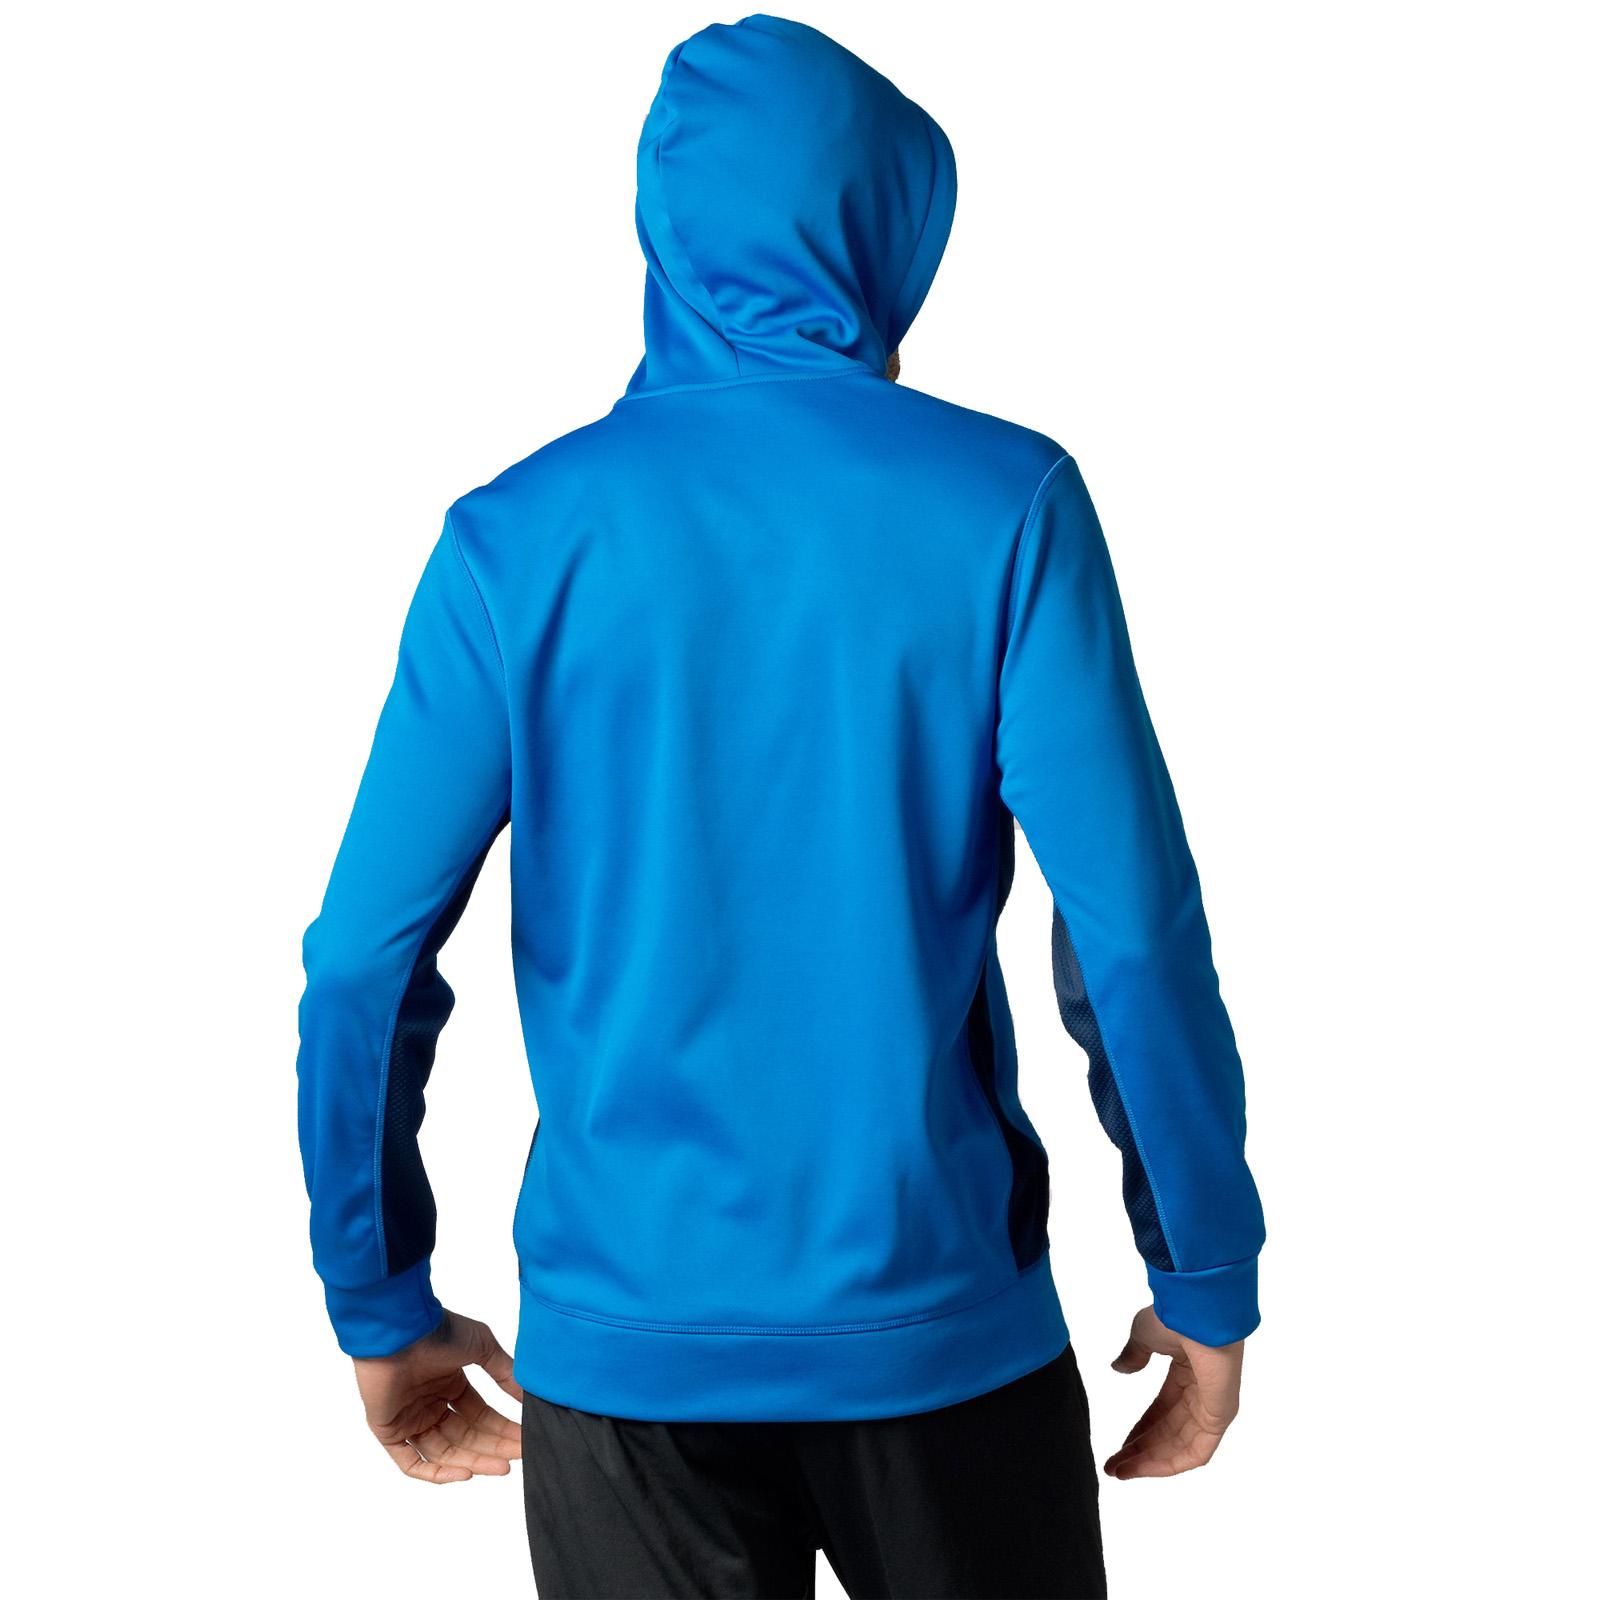 Reebok Mens Logo Hoodie Gym Training Hoody Hooded Sweater Top ...